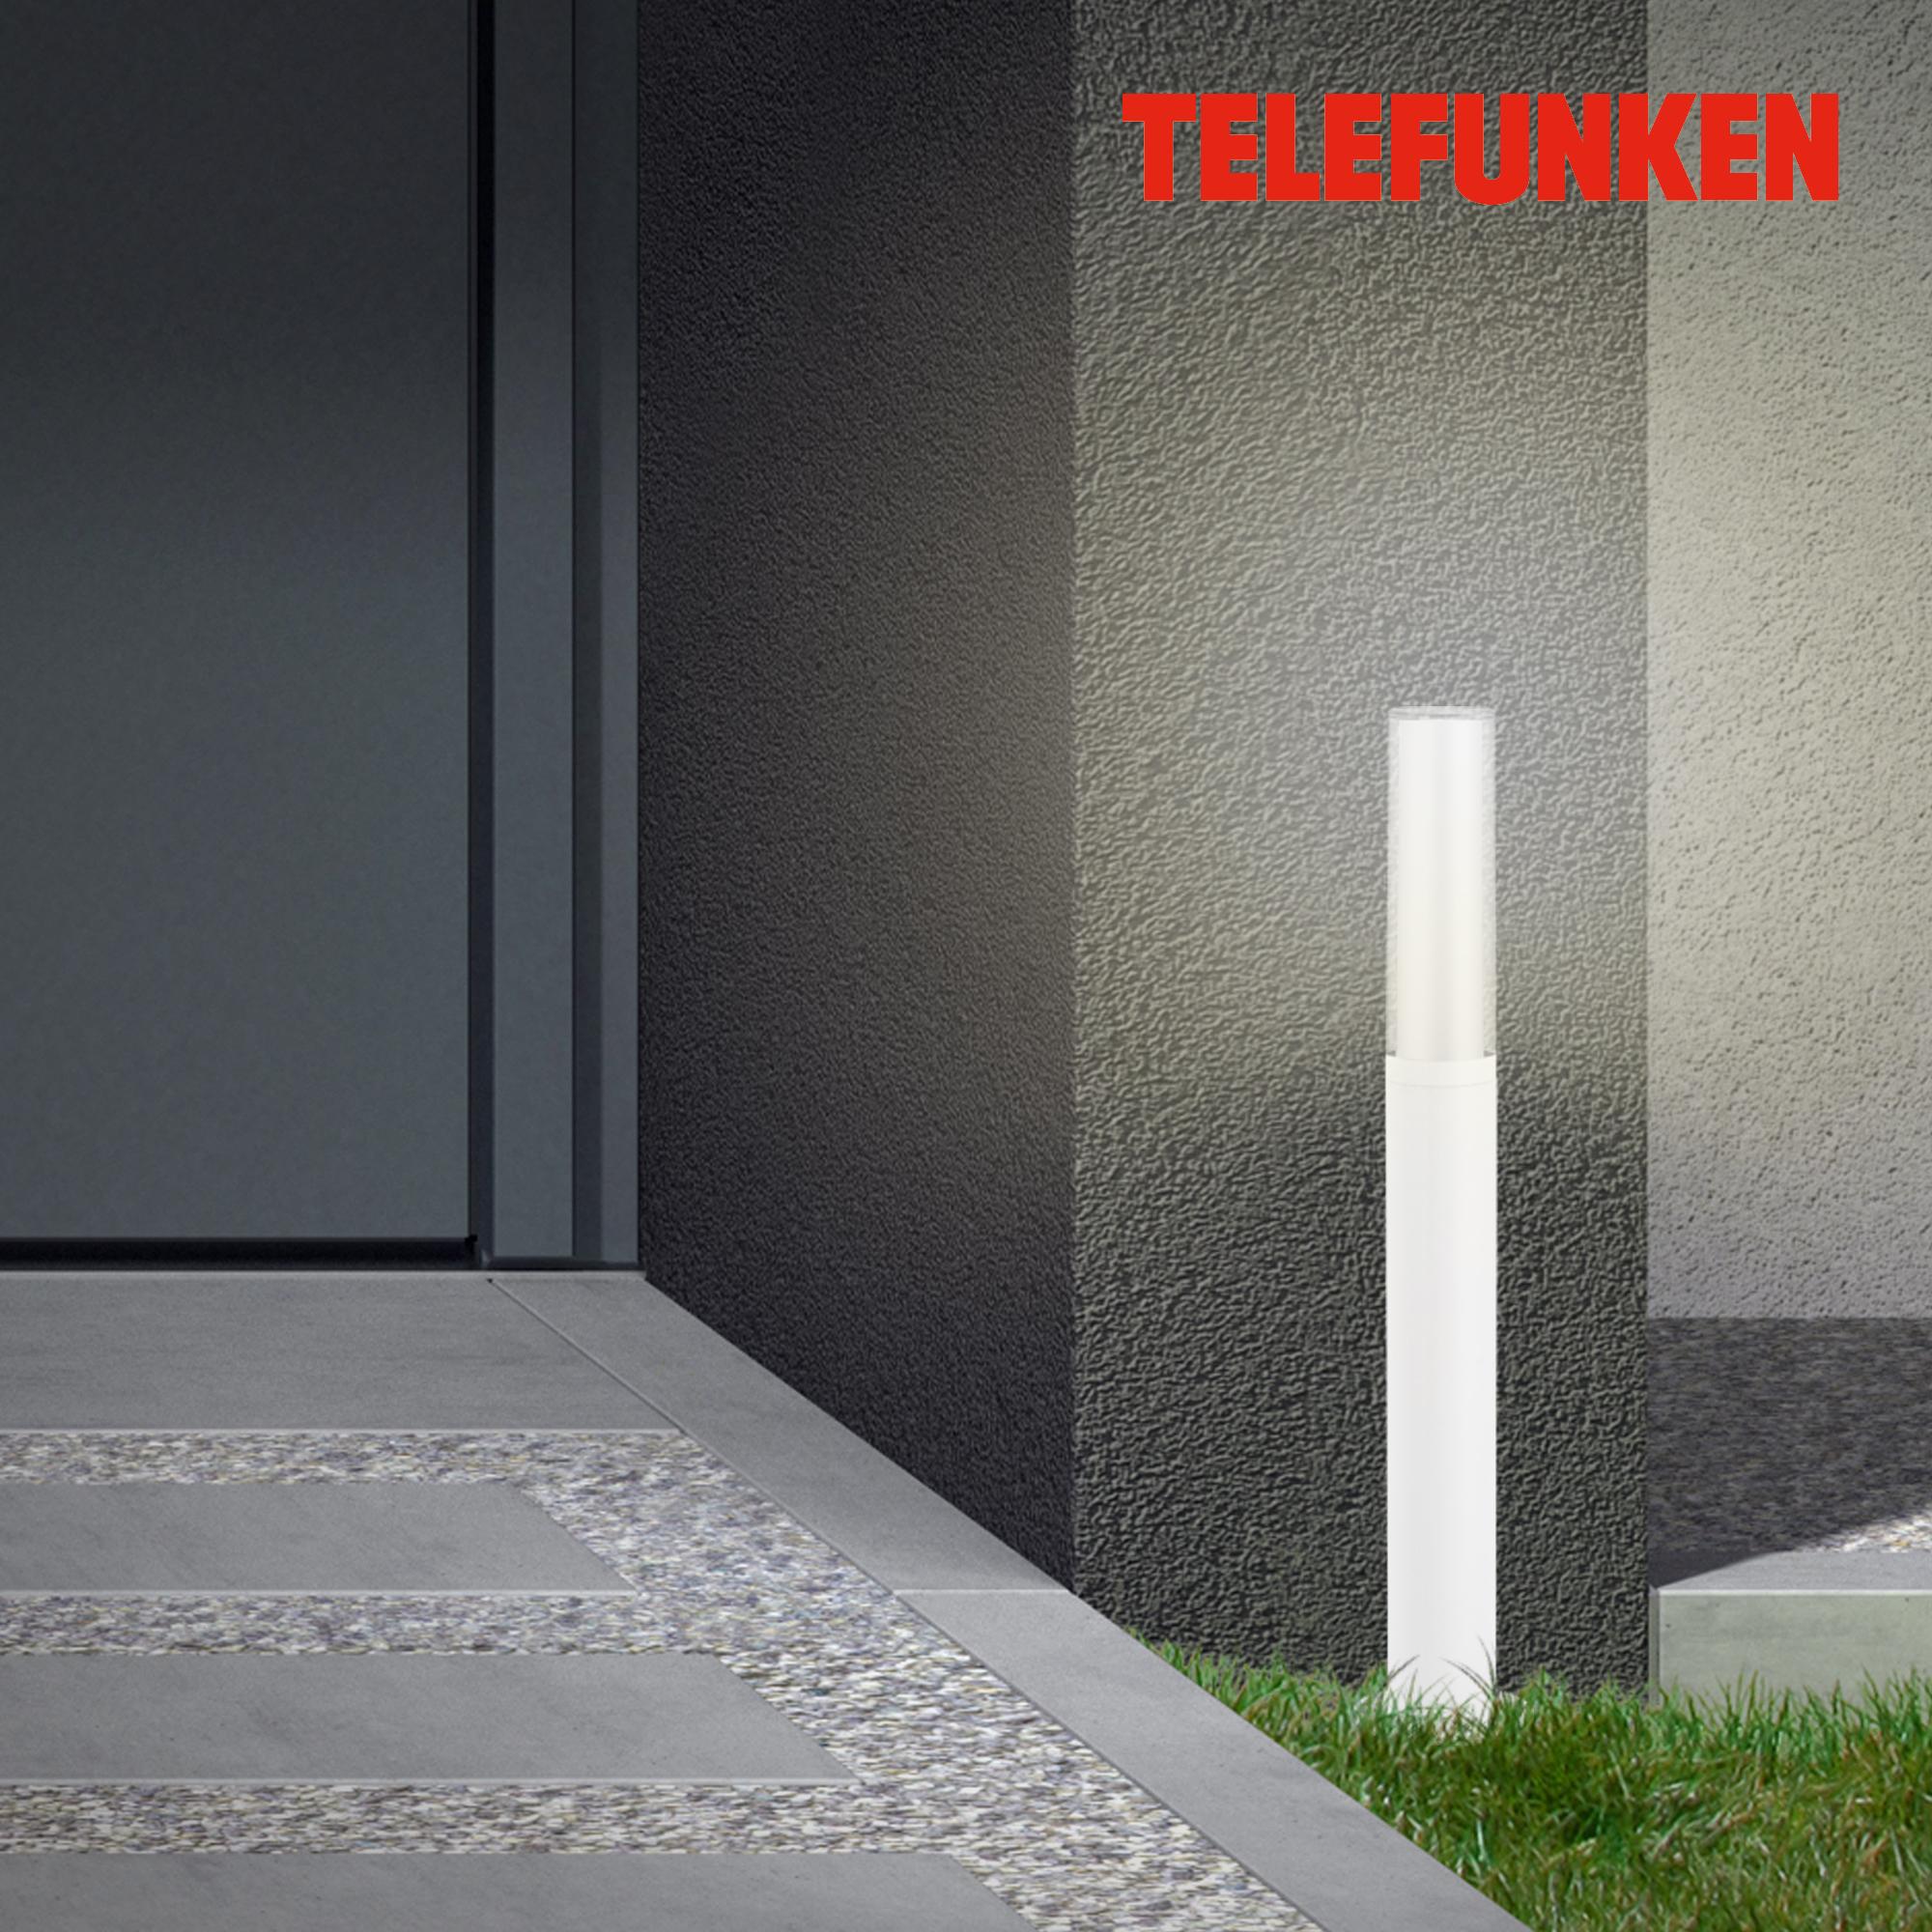 TELEFUNKEN LED Außenstehleuchte Weiß